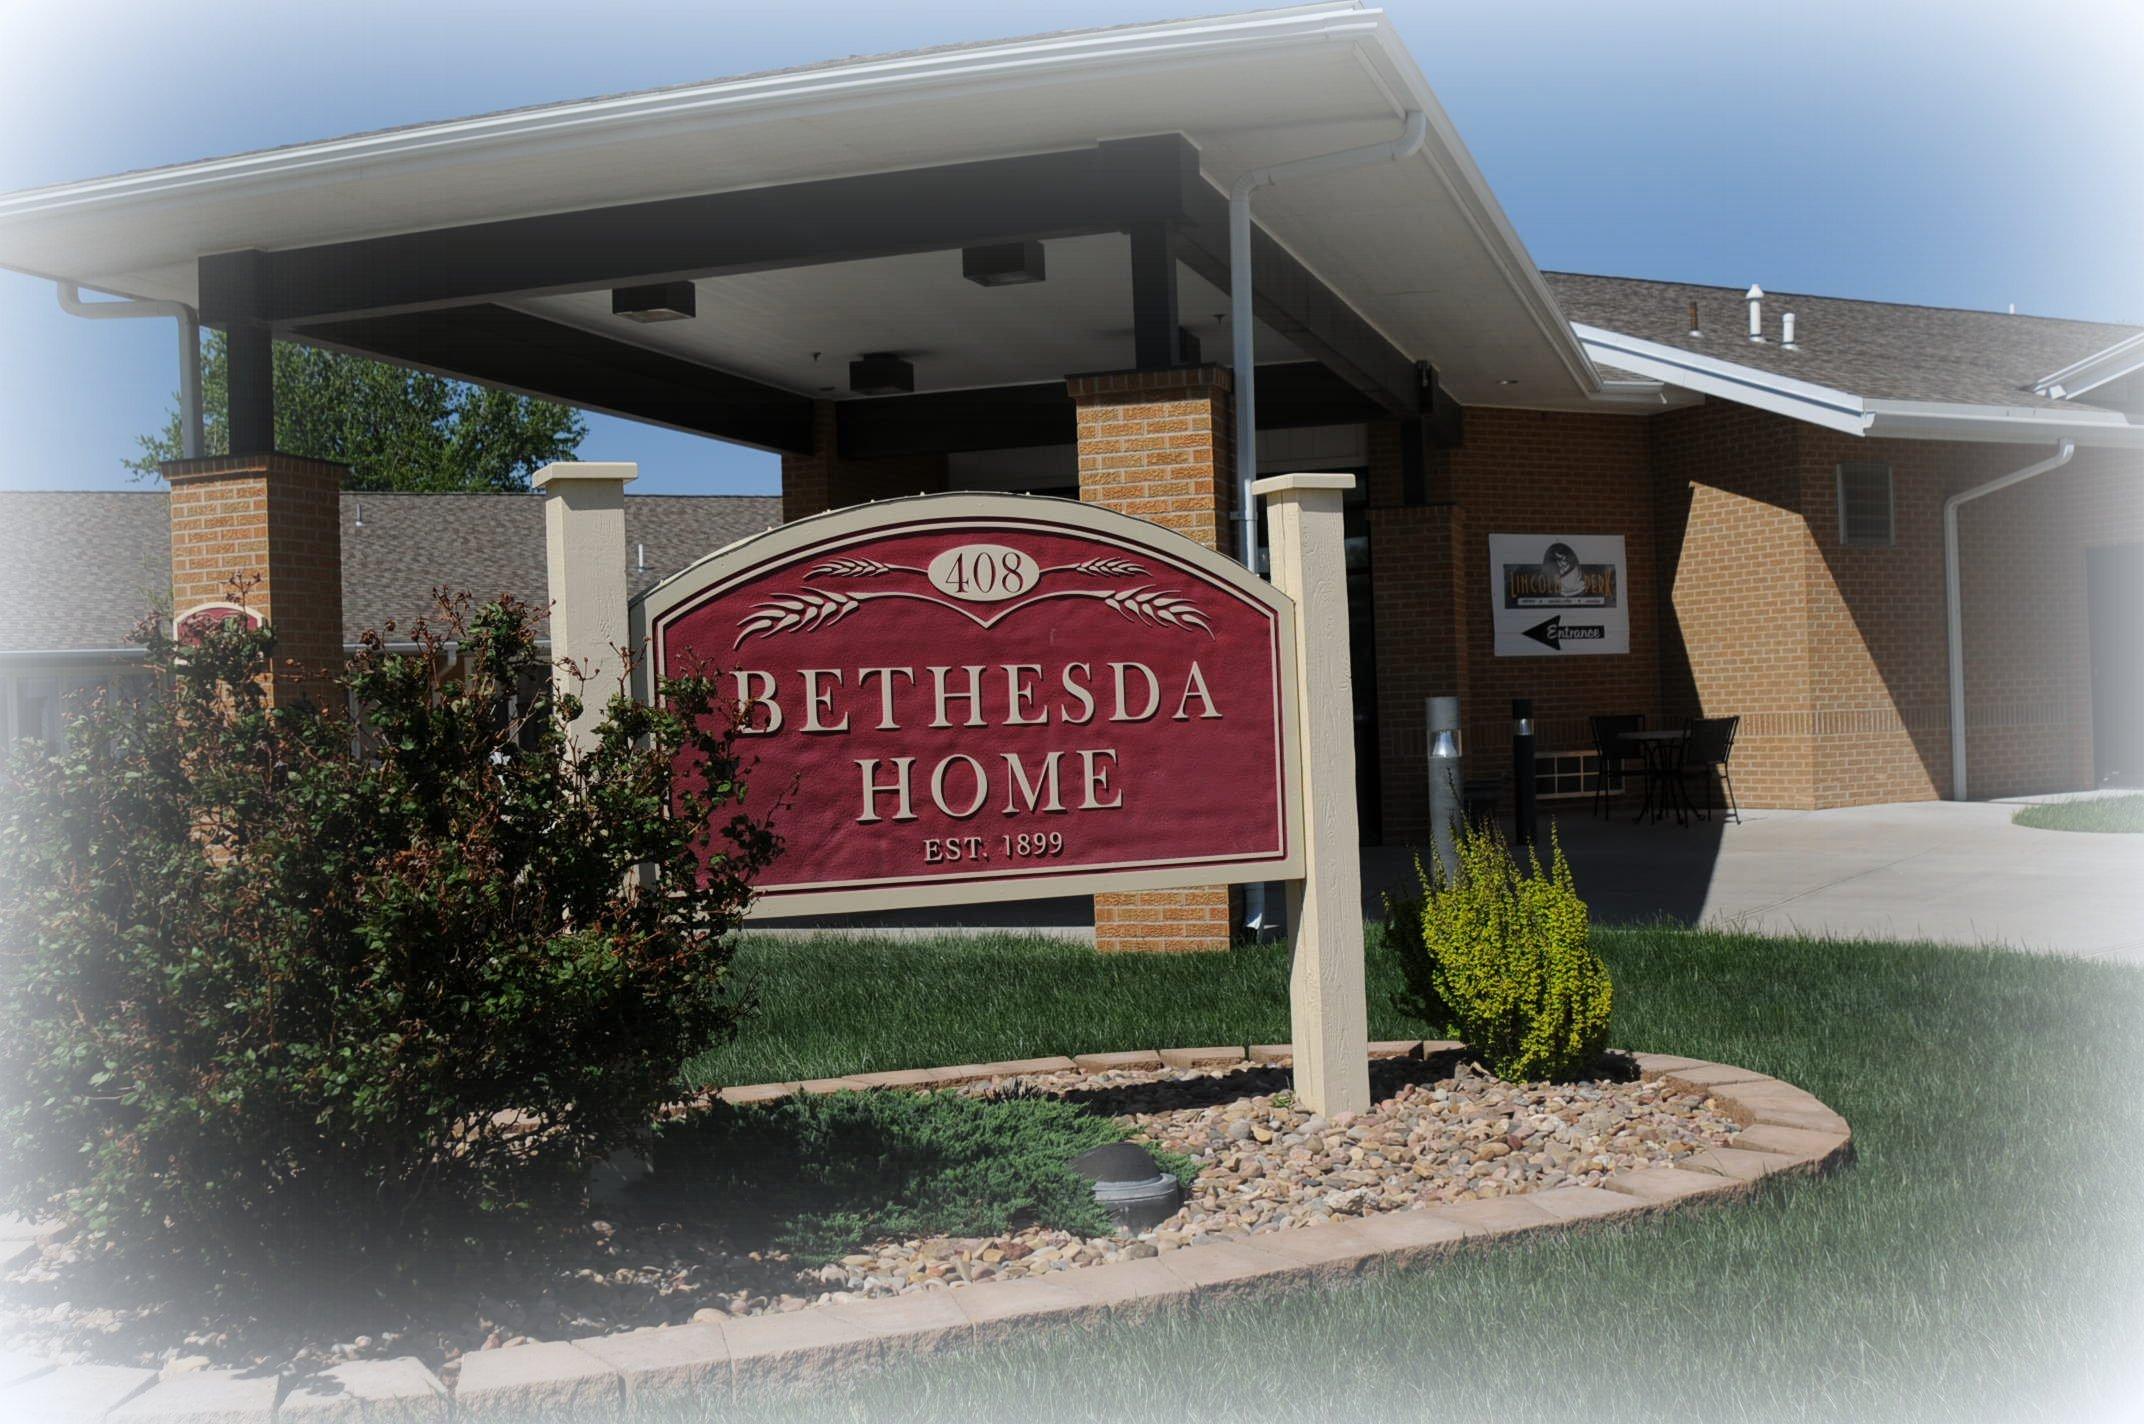 Bethesda Home